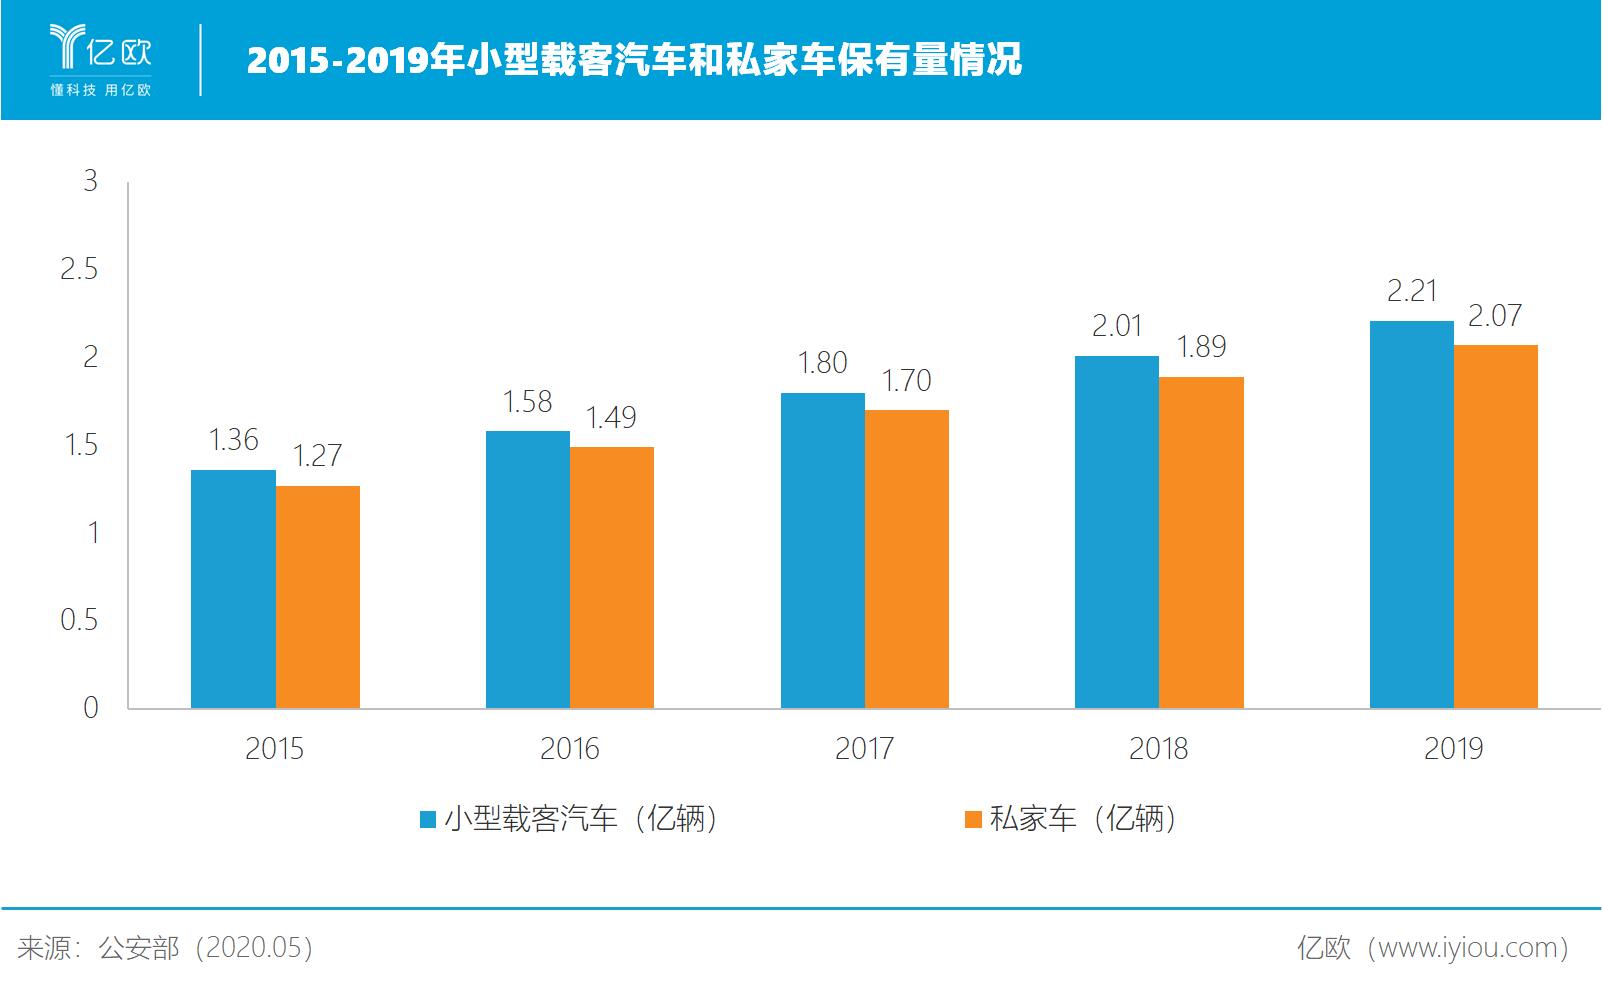 2015-2019年小型载客汽车和私家车保有量情况